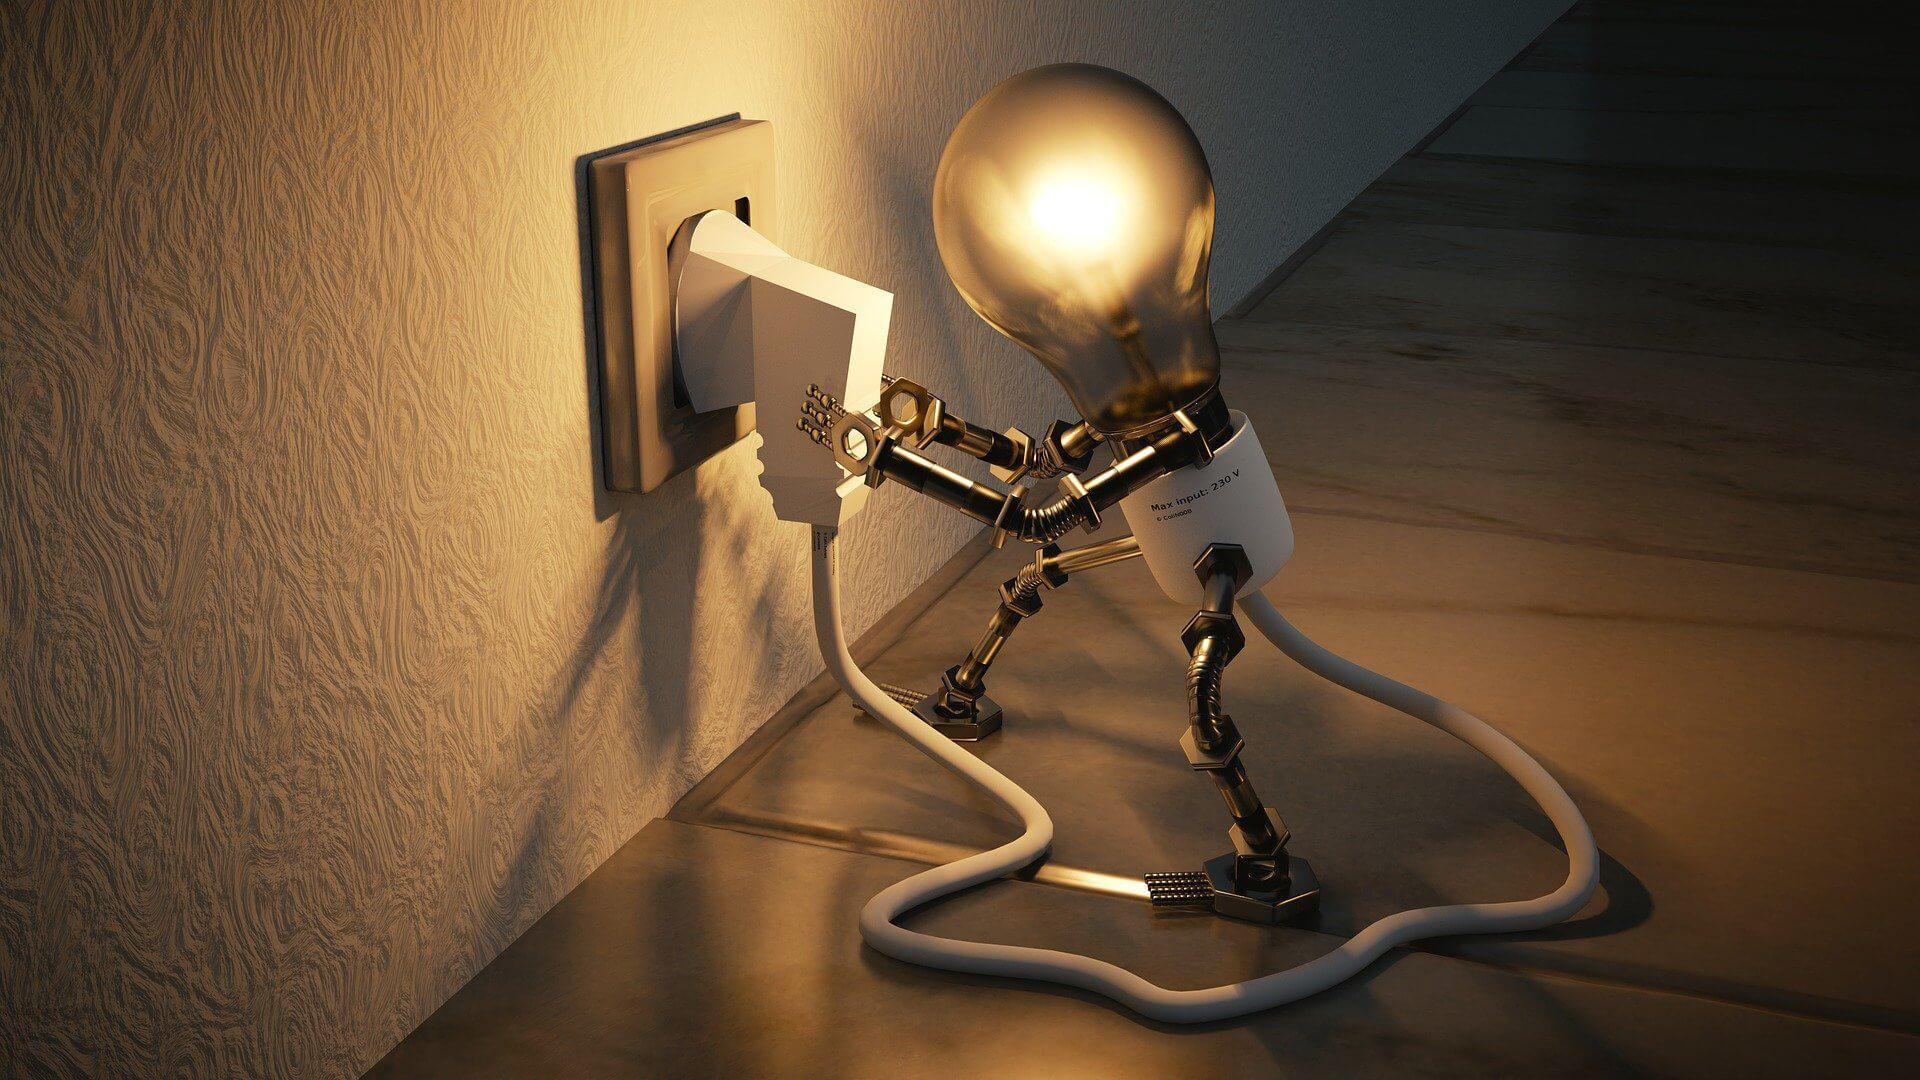 light bulb 3104355 1920 1